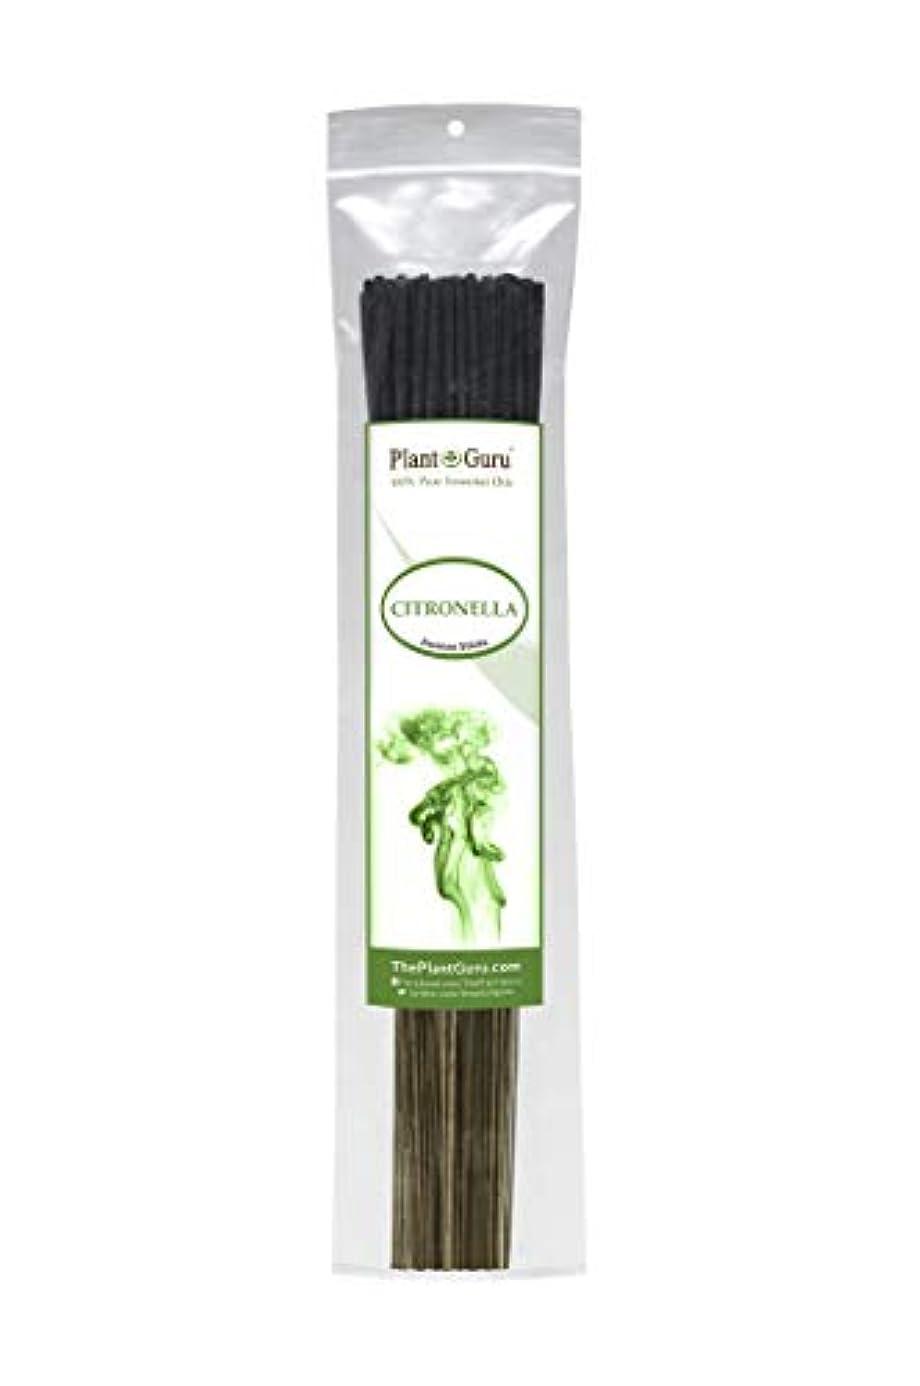 分類フィヨルド静的植物グルシトロネラ線香 防虫剤 85~100本セット 高品質スムーズで清潔 各スティックの長さは10.5インチで燃焼時間はそれぞれ45~60分